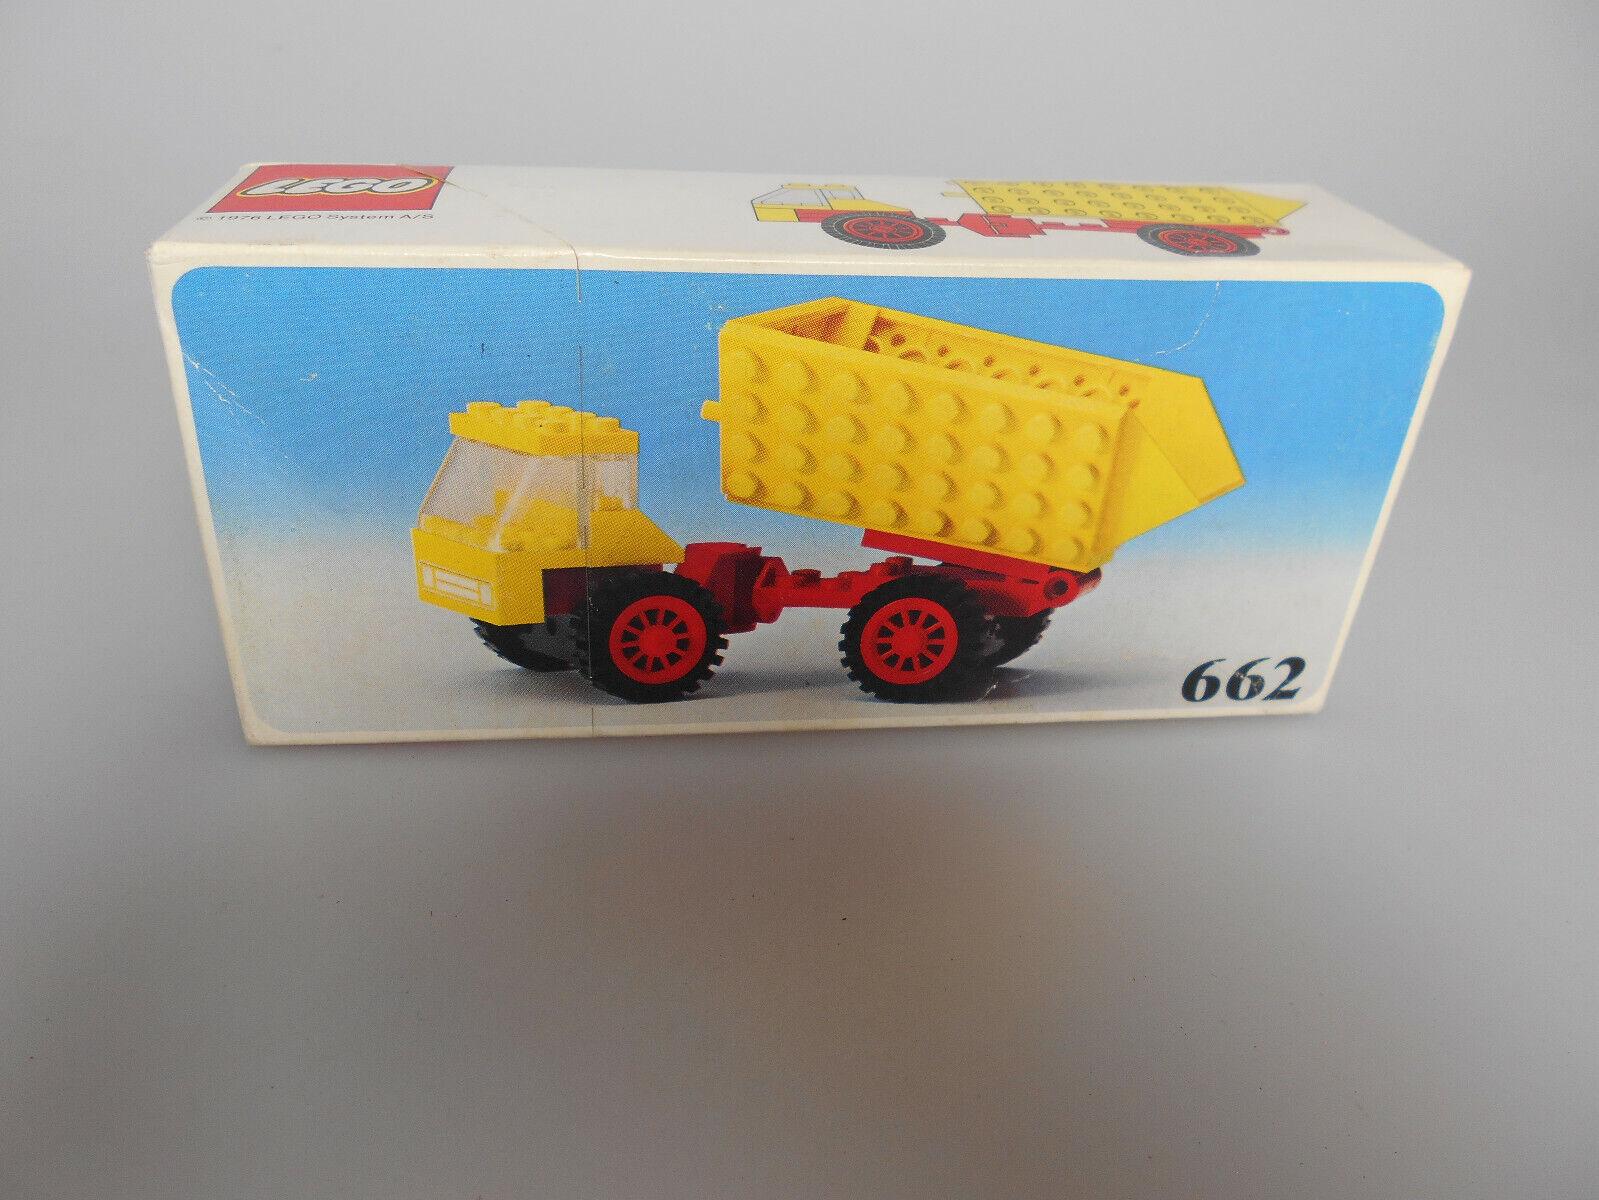 Lego® Set 662 Neu und ungeöffnet